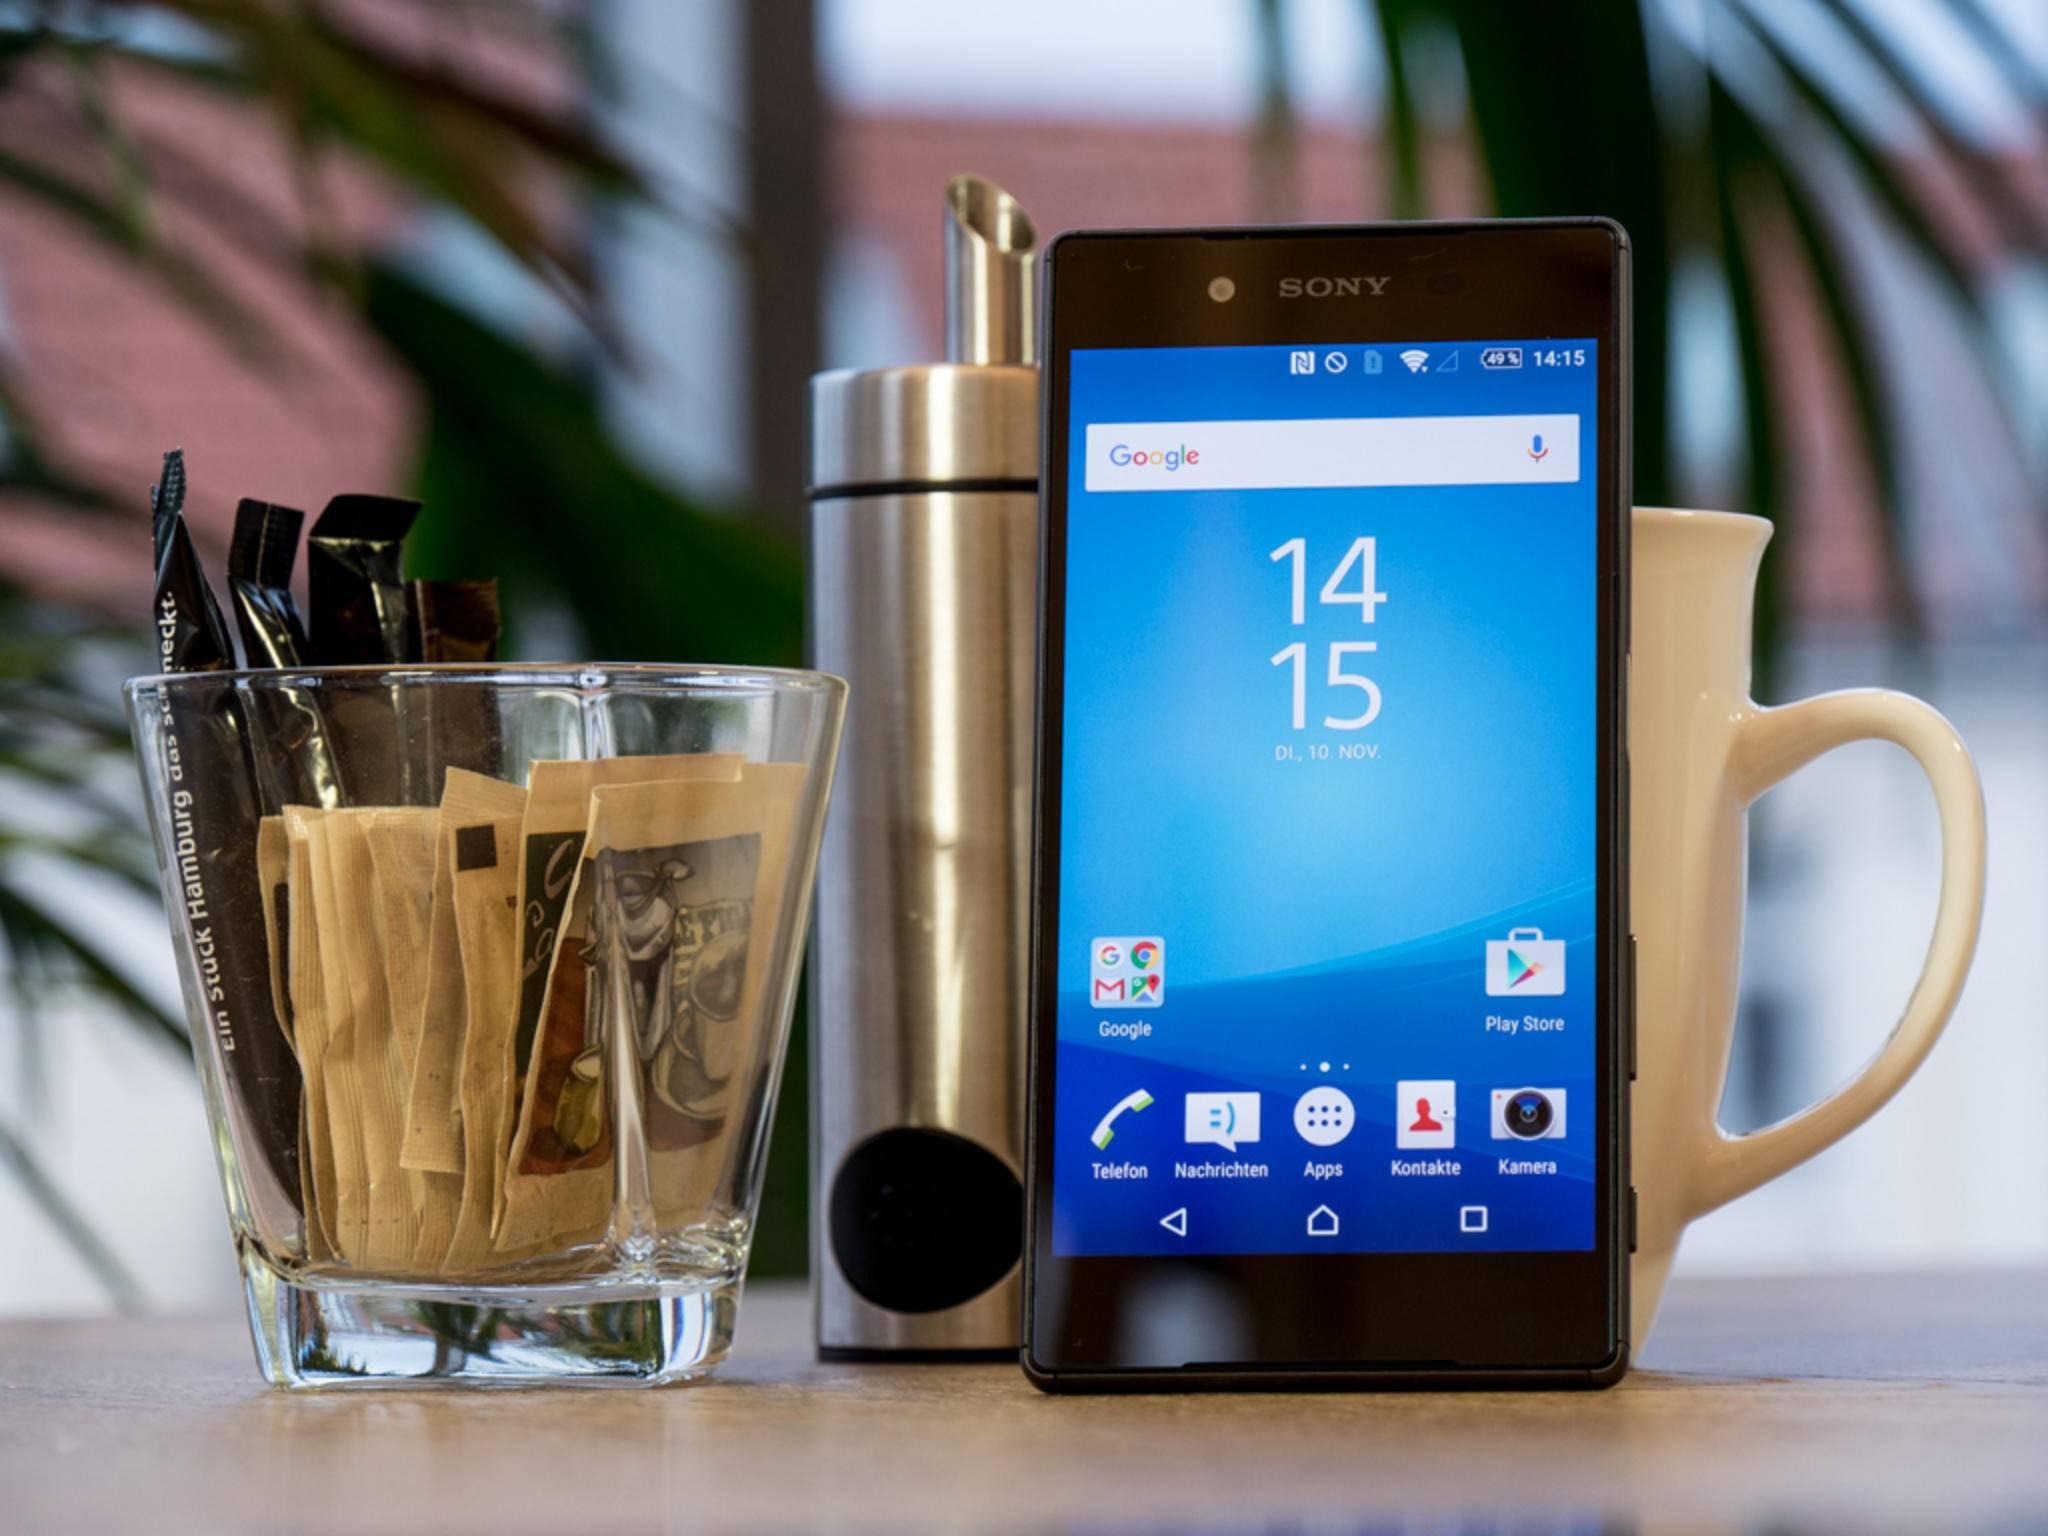 Das Sony Xperia Z5 haben wir ausgiebig getestet.